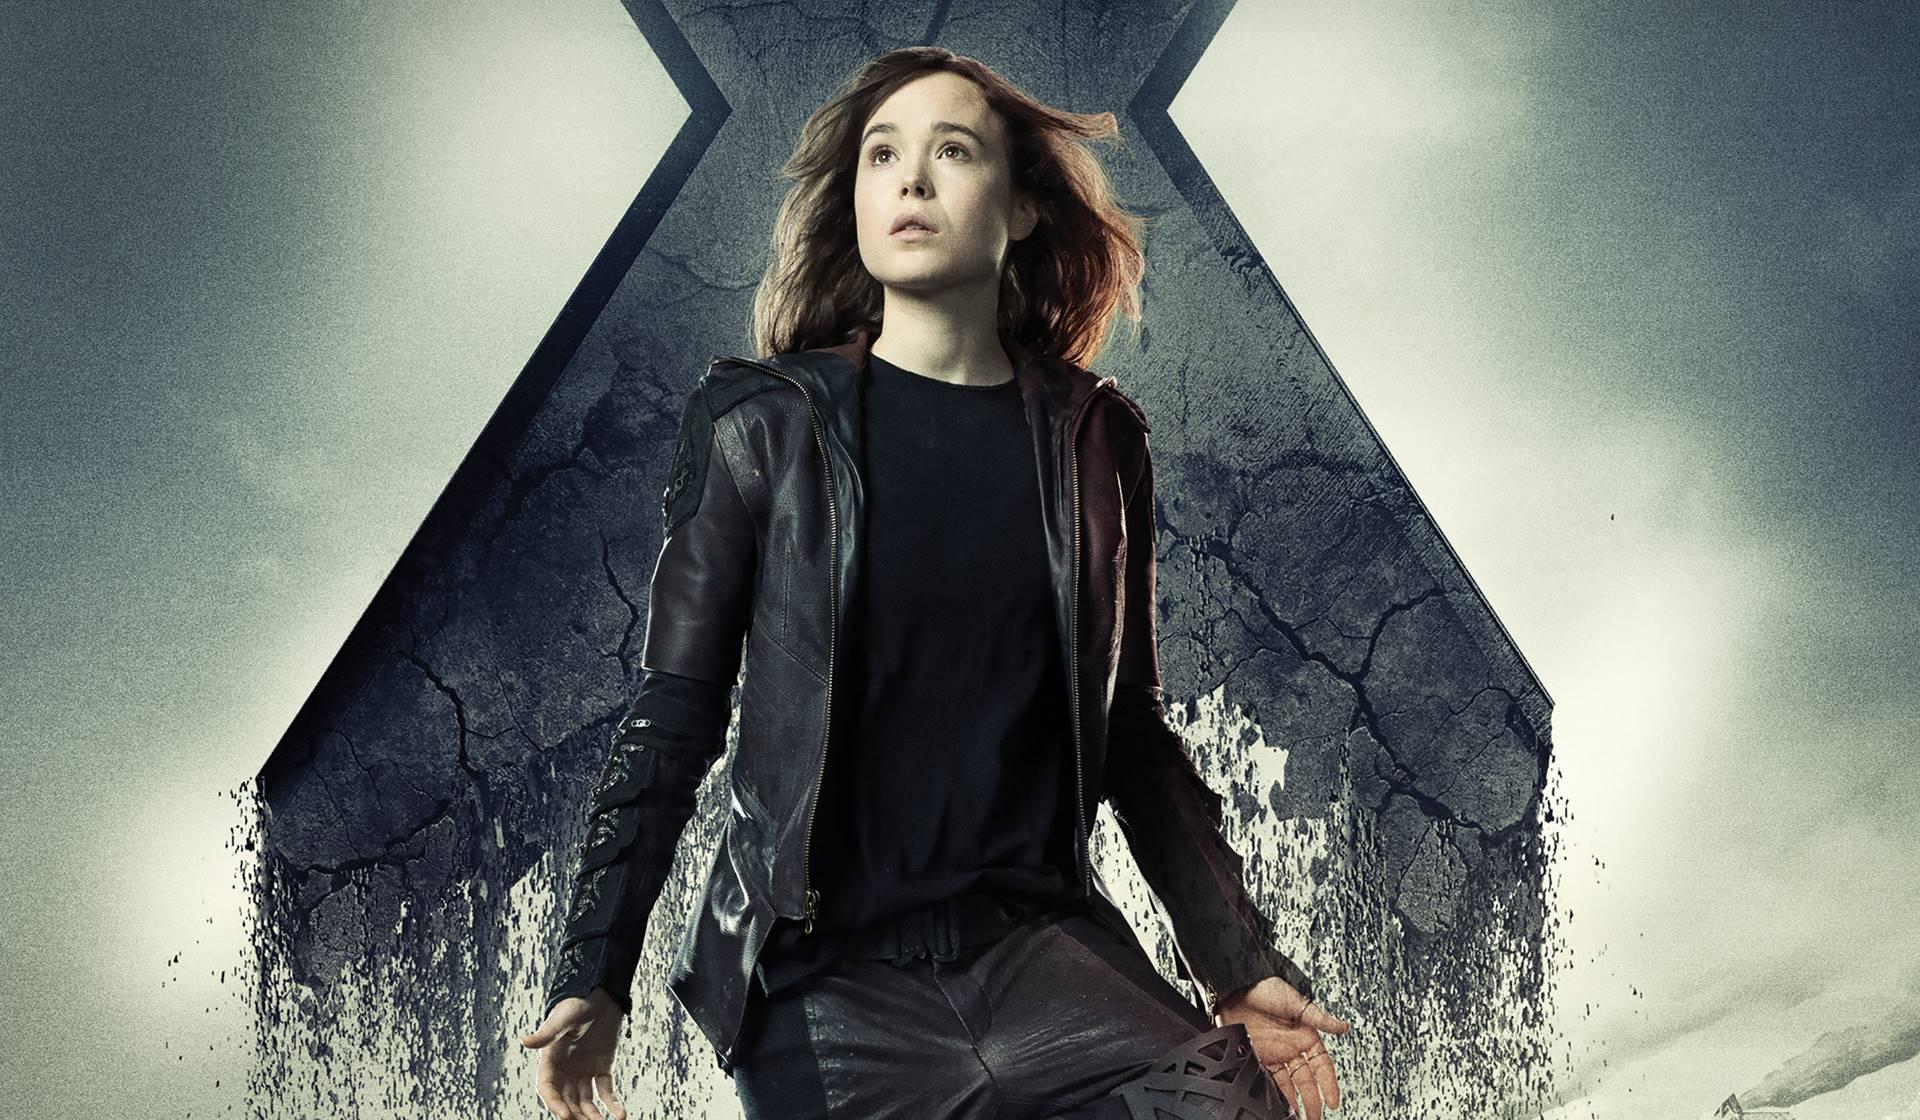 'X-Men: Días del futuro pasado' de Bryan Singer.